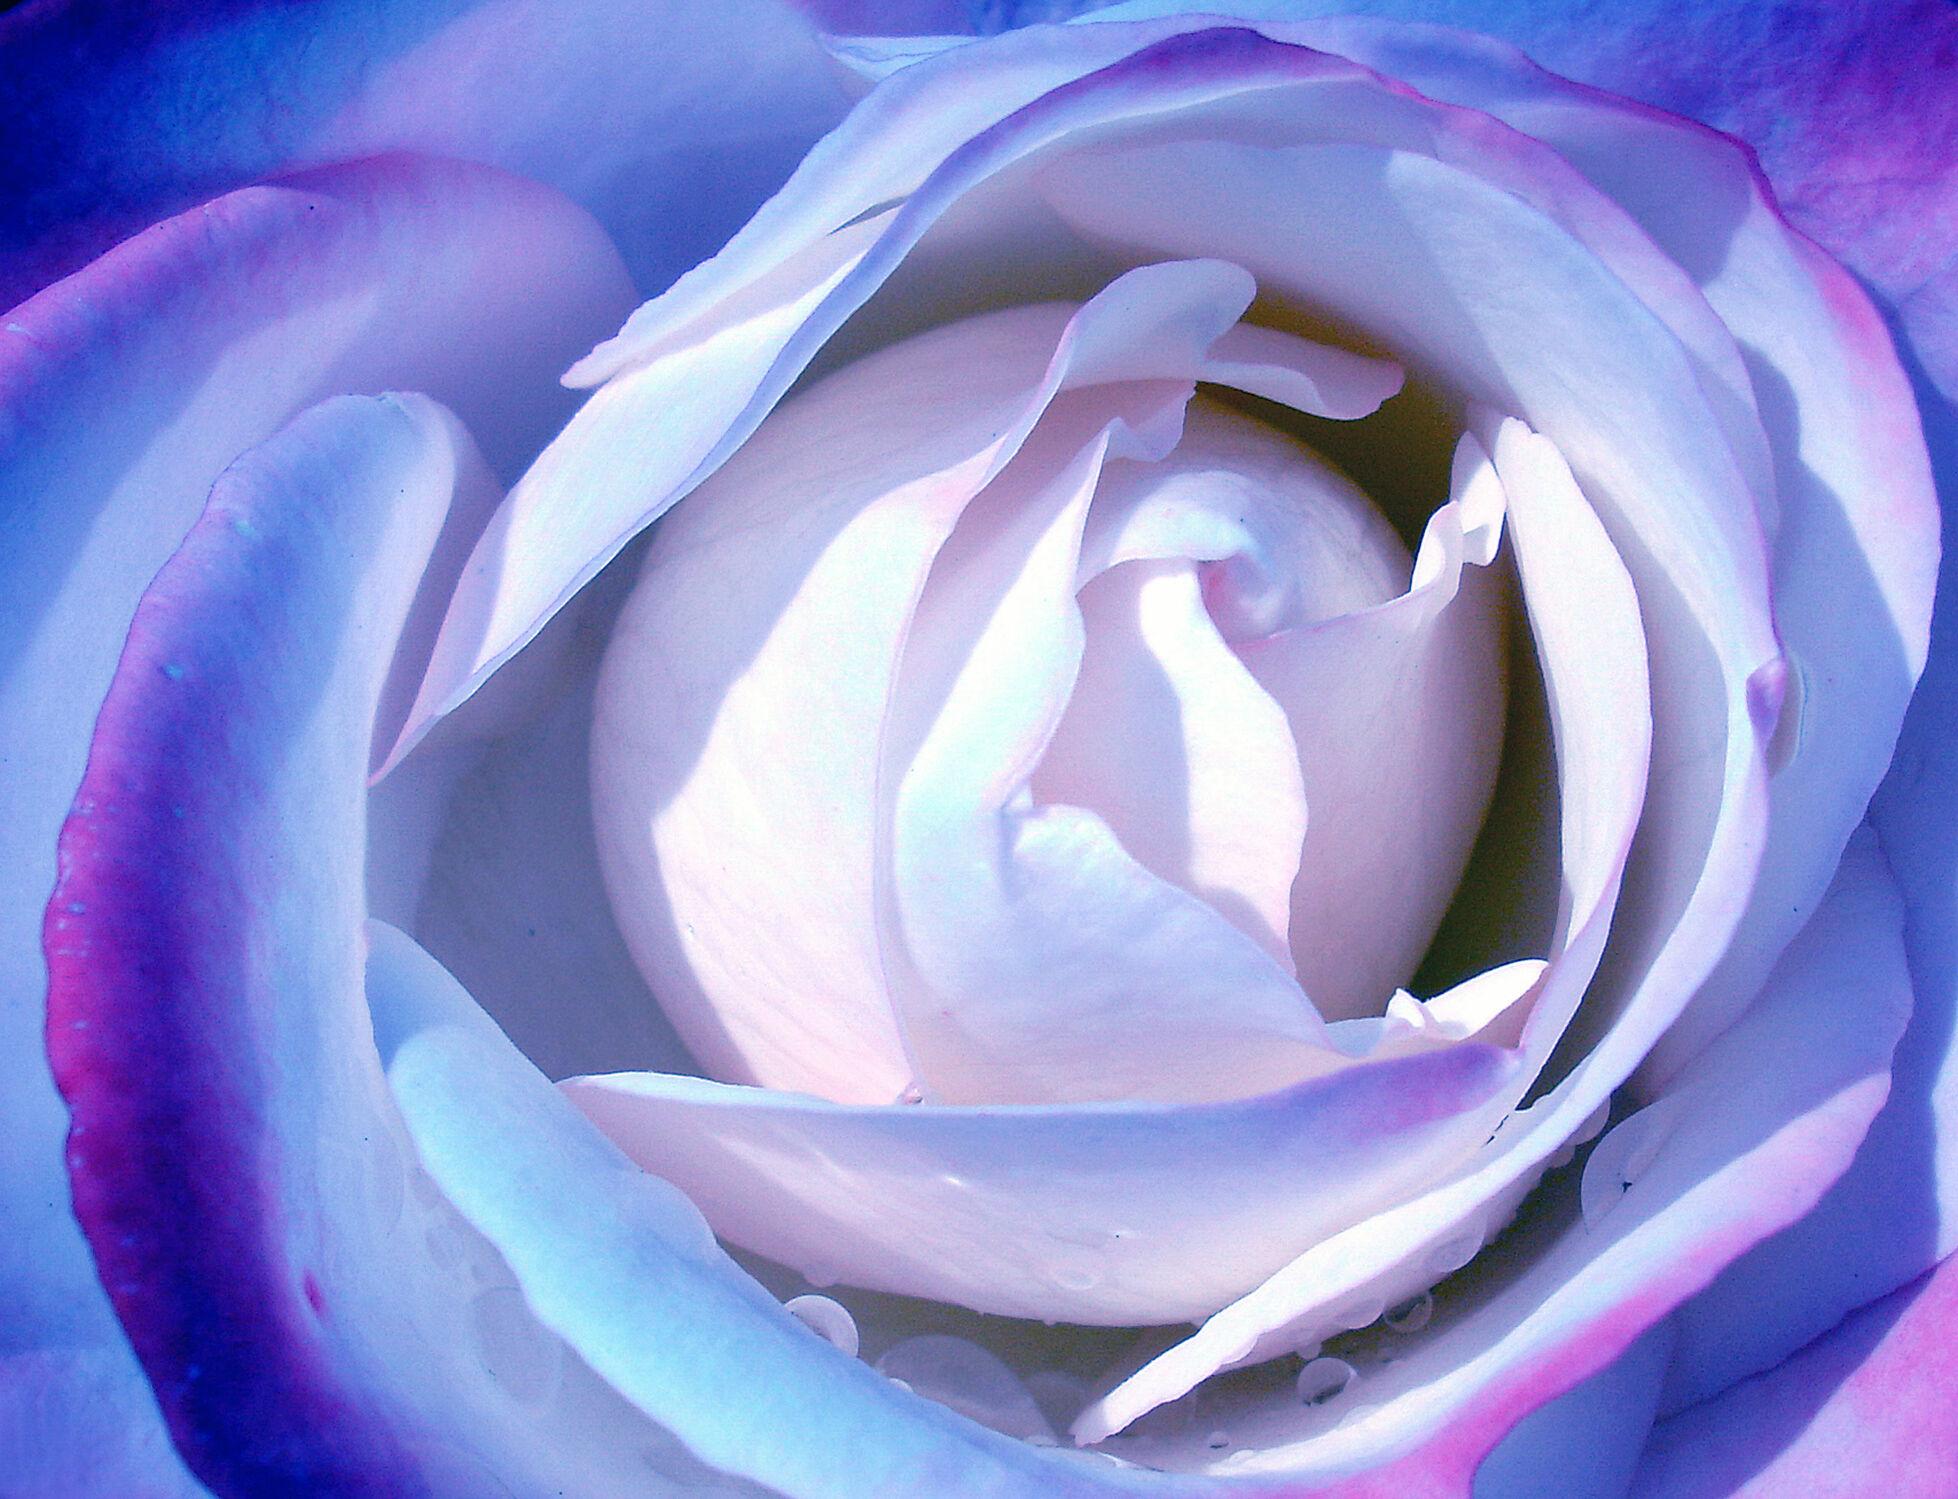 Bild mit Rosen, Blau, Rose, Flowers, romantik, Schönheit, Blüten, blüte, Liebe